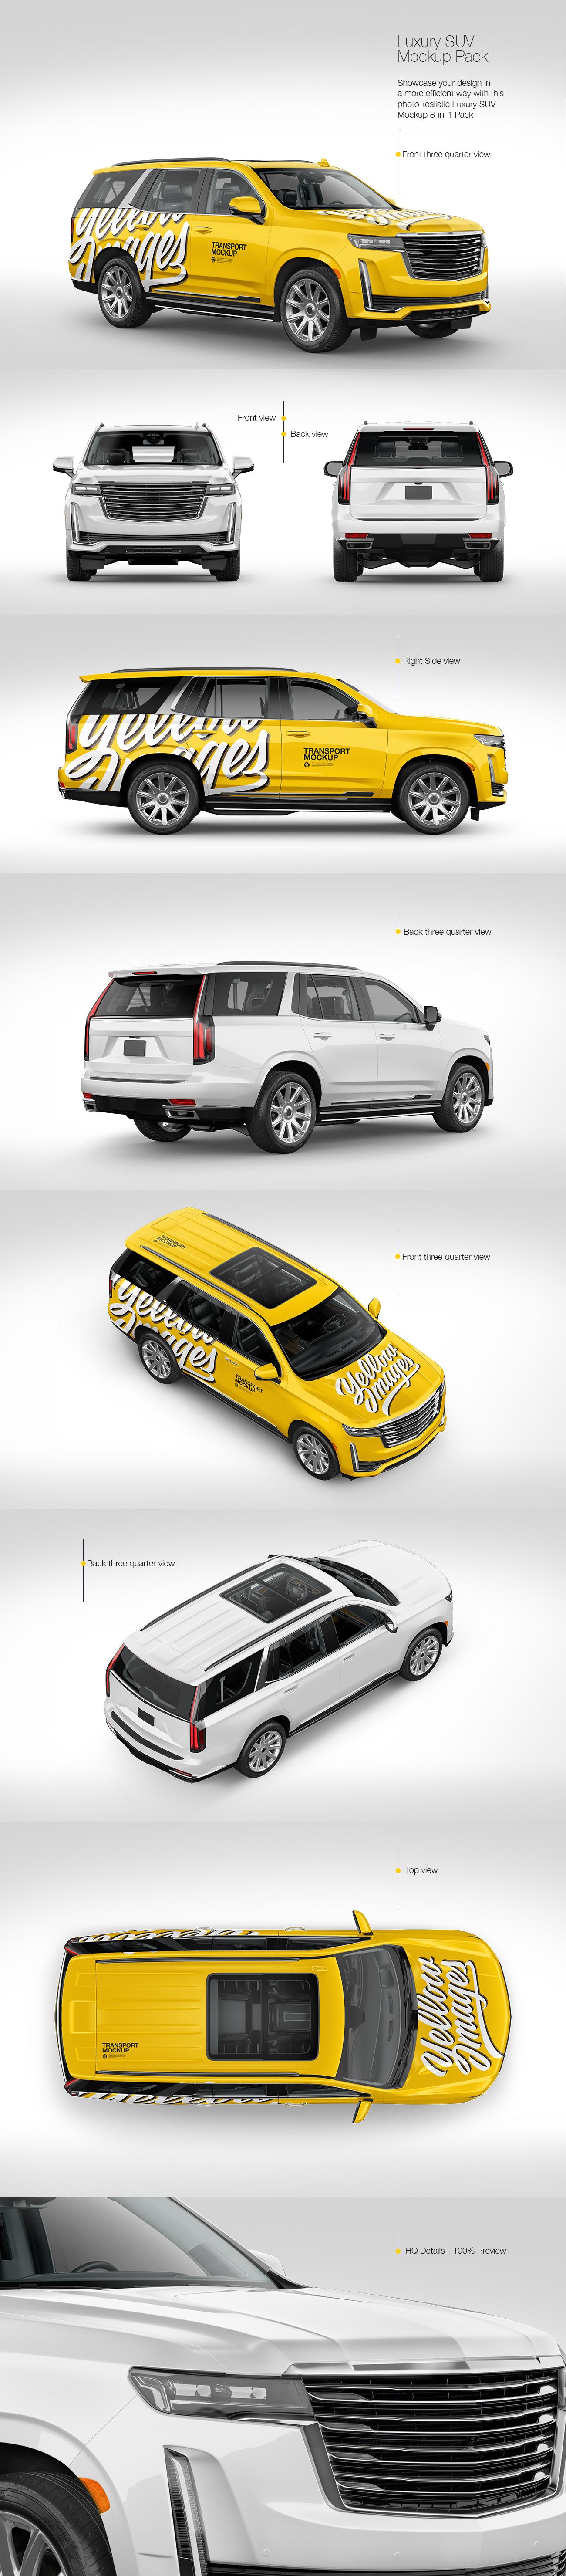 8款豪华SUV商务车设计展示样机模板 Luxury SUV Mockup Pack插图